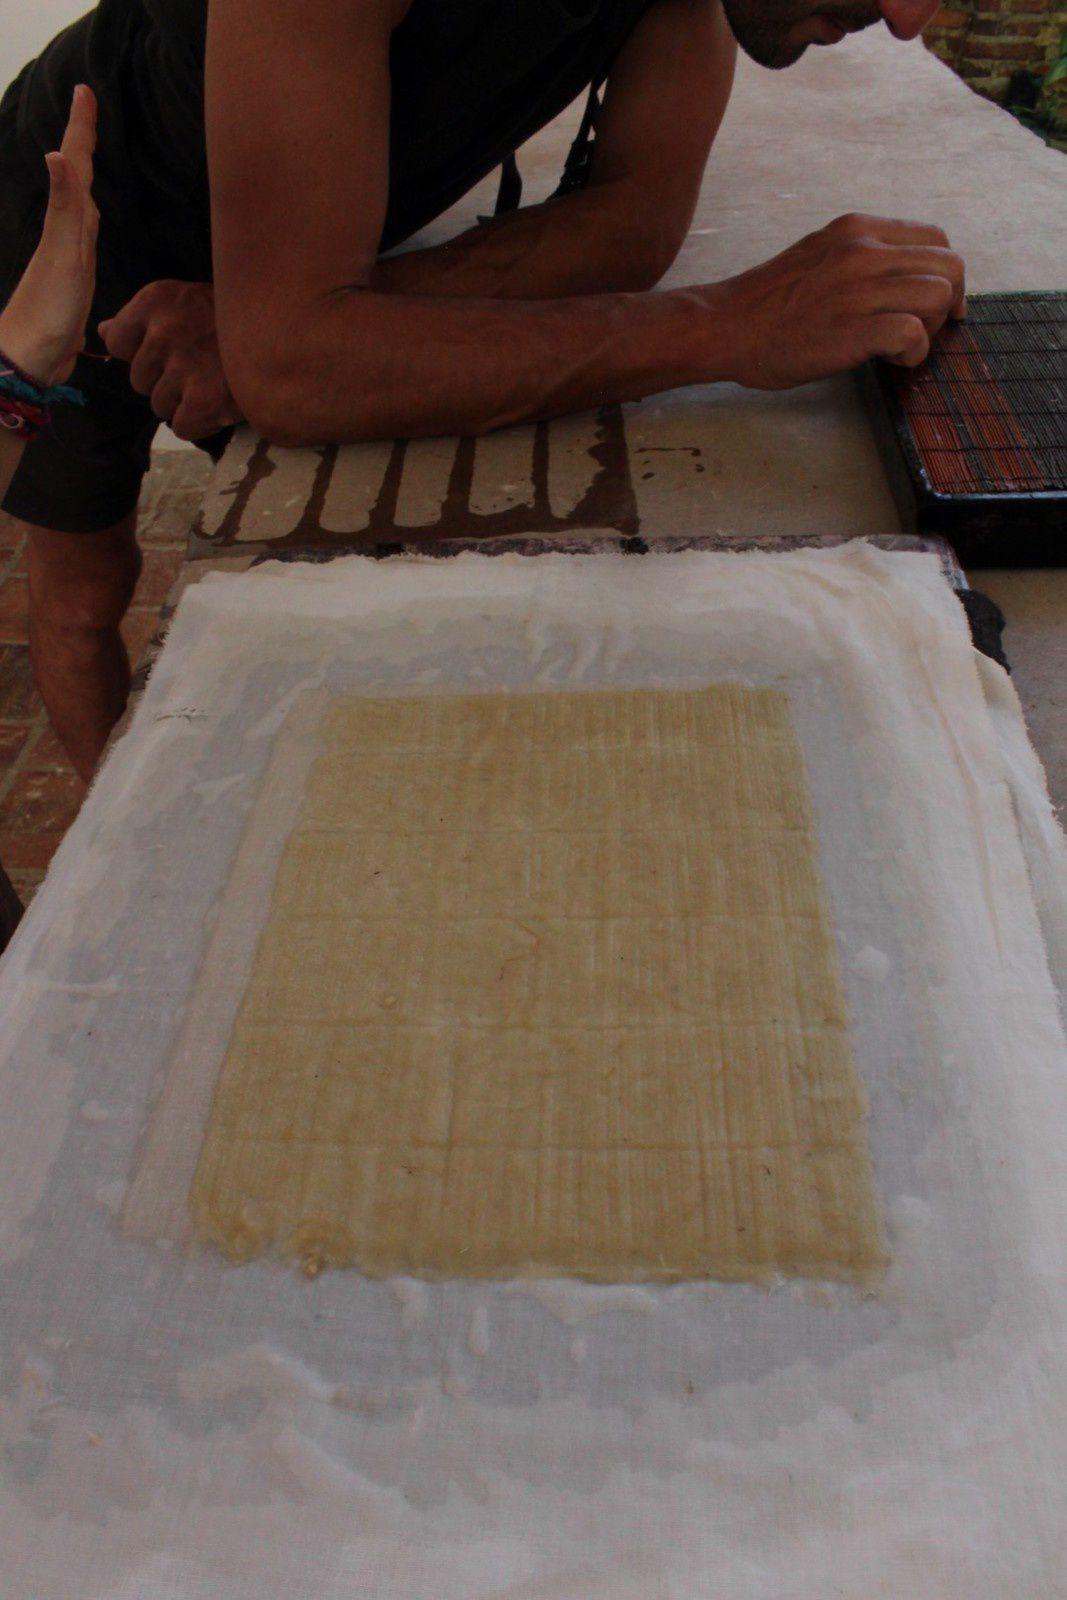 Le tailer de papel où ils élaborent à l'ancienne des feuilles de papiers à base de plantes de fique (une sorte de yuca), et à base de fibres d'ananas. Zozo a pu faire sa toute première feuille de papier artisanale, génial!!!